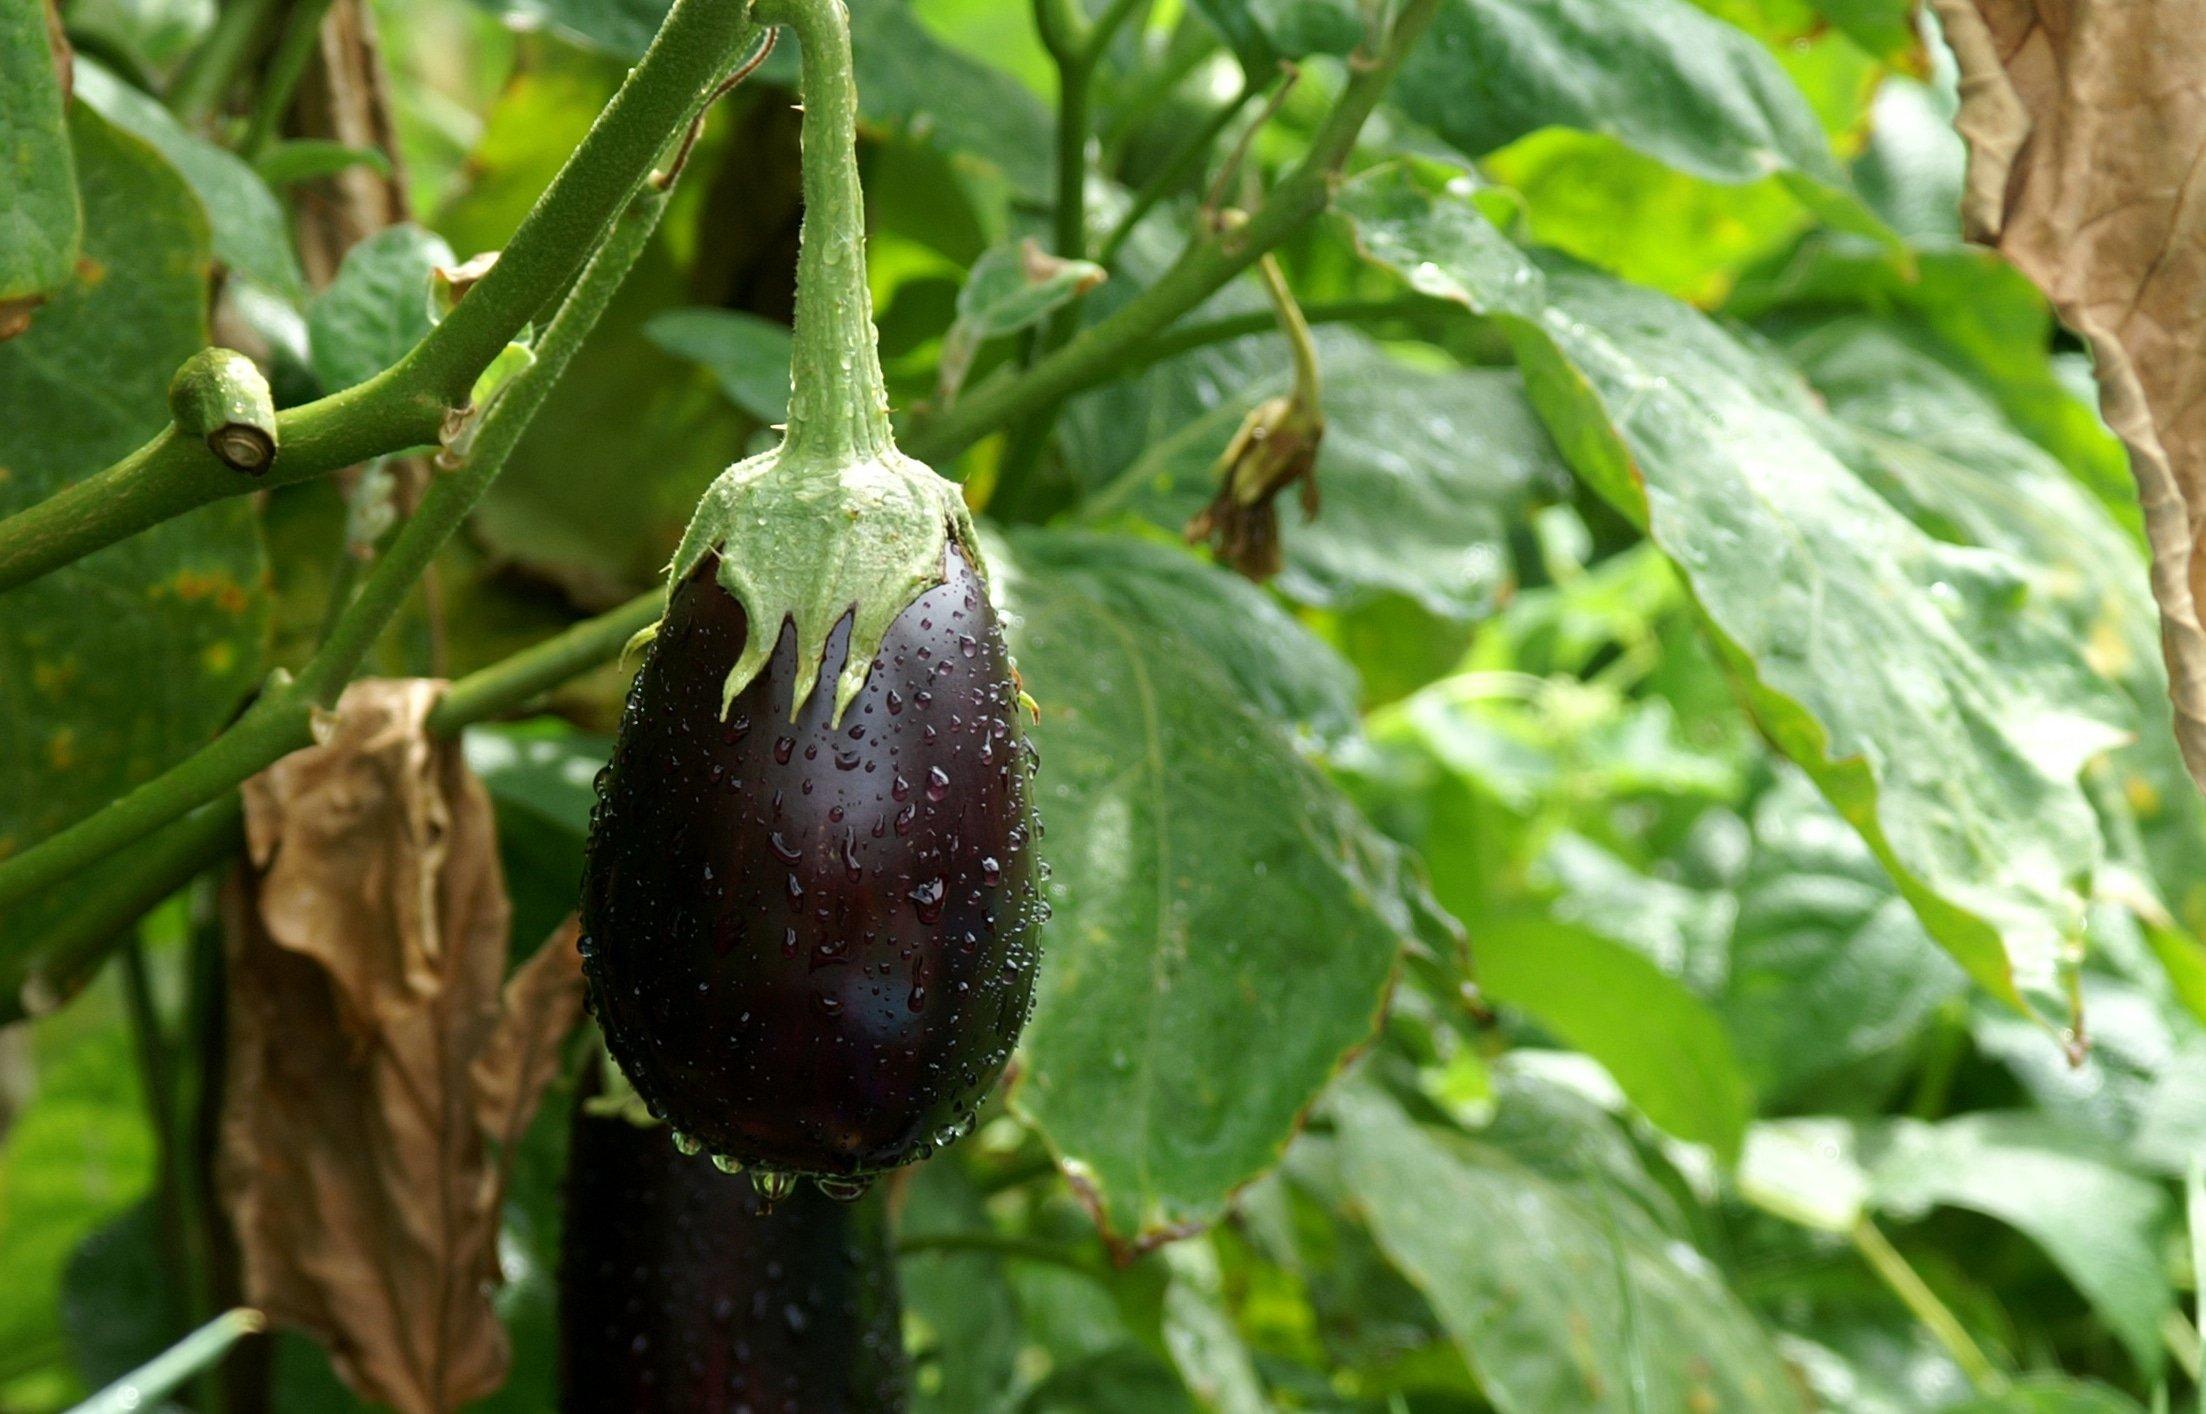 Выращивание баклажанов в открытом грунте: советы по уходу и сбору